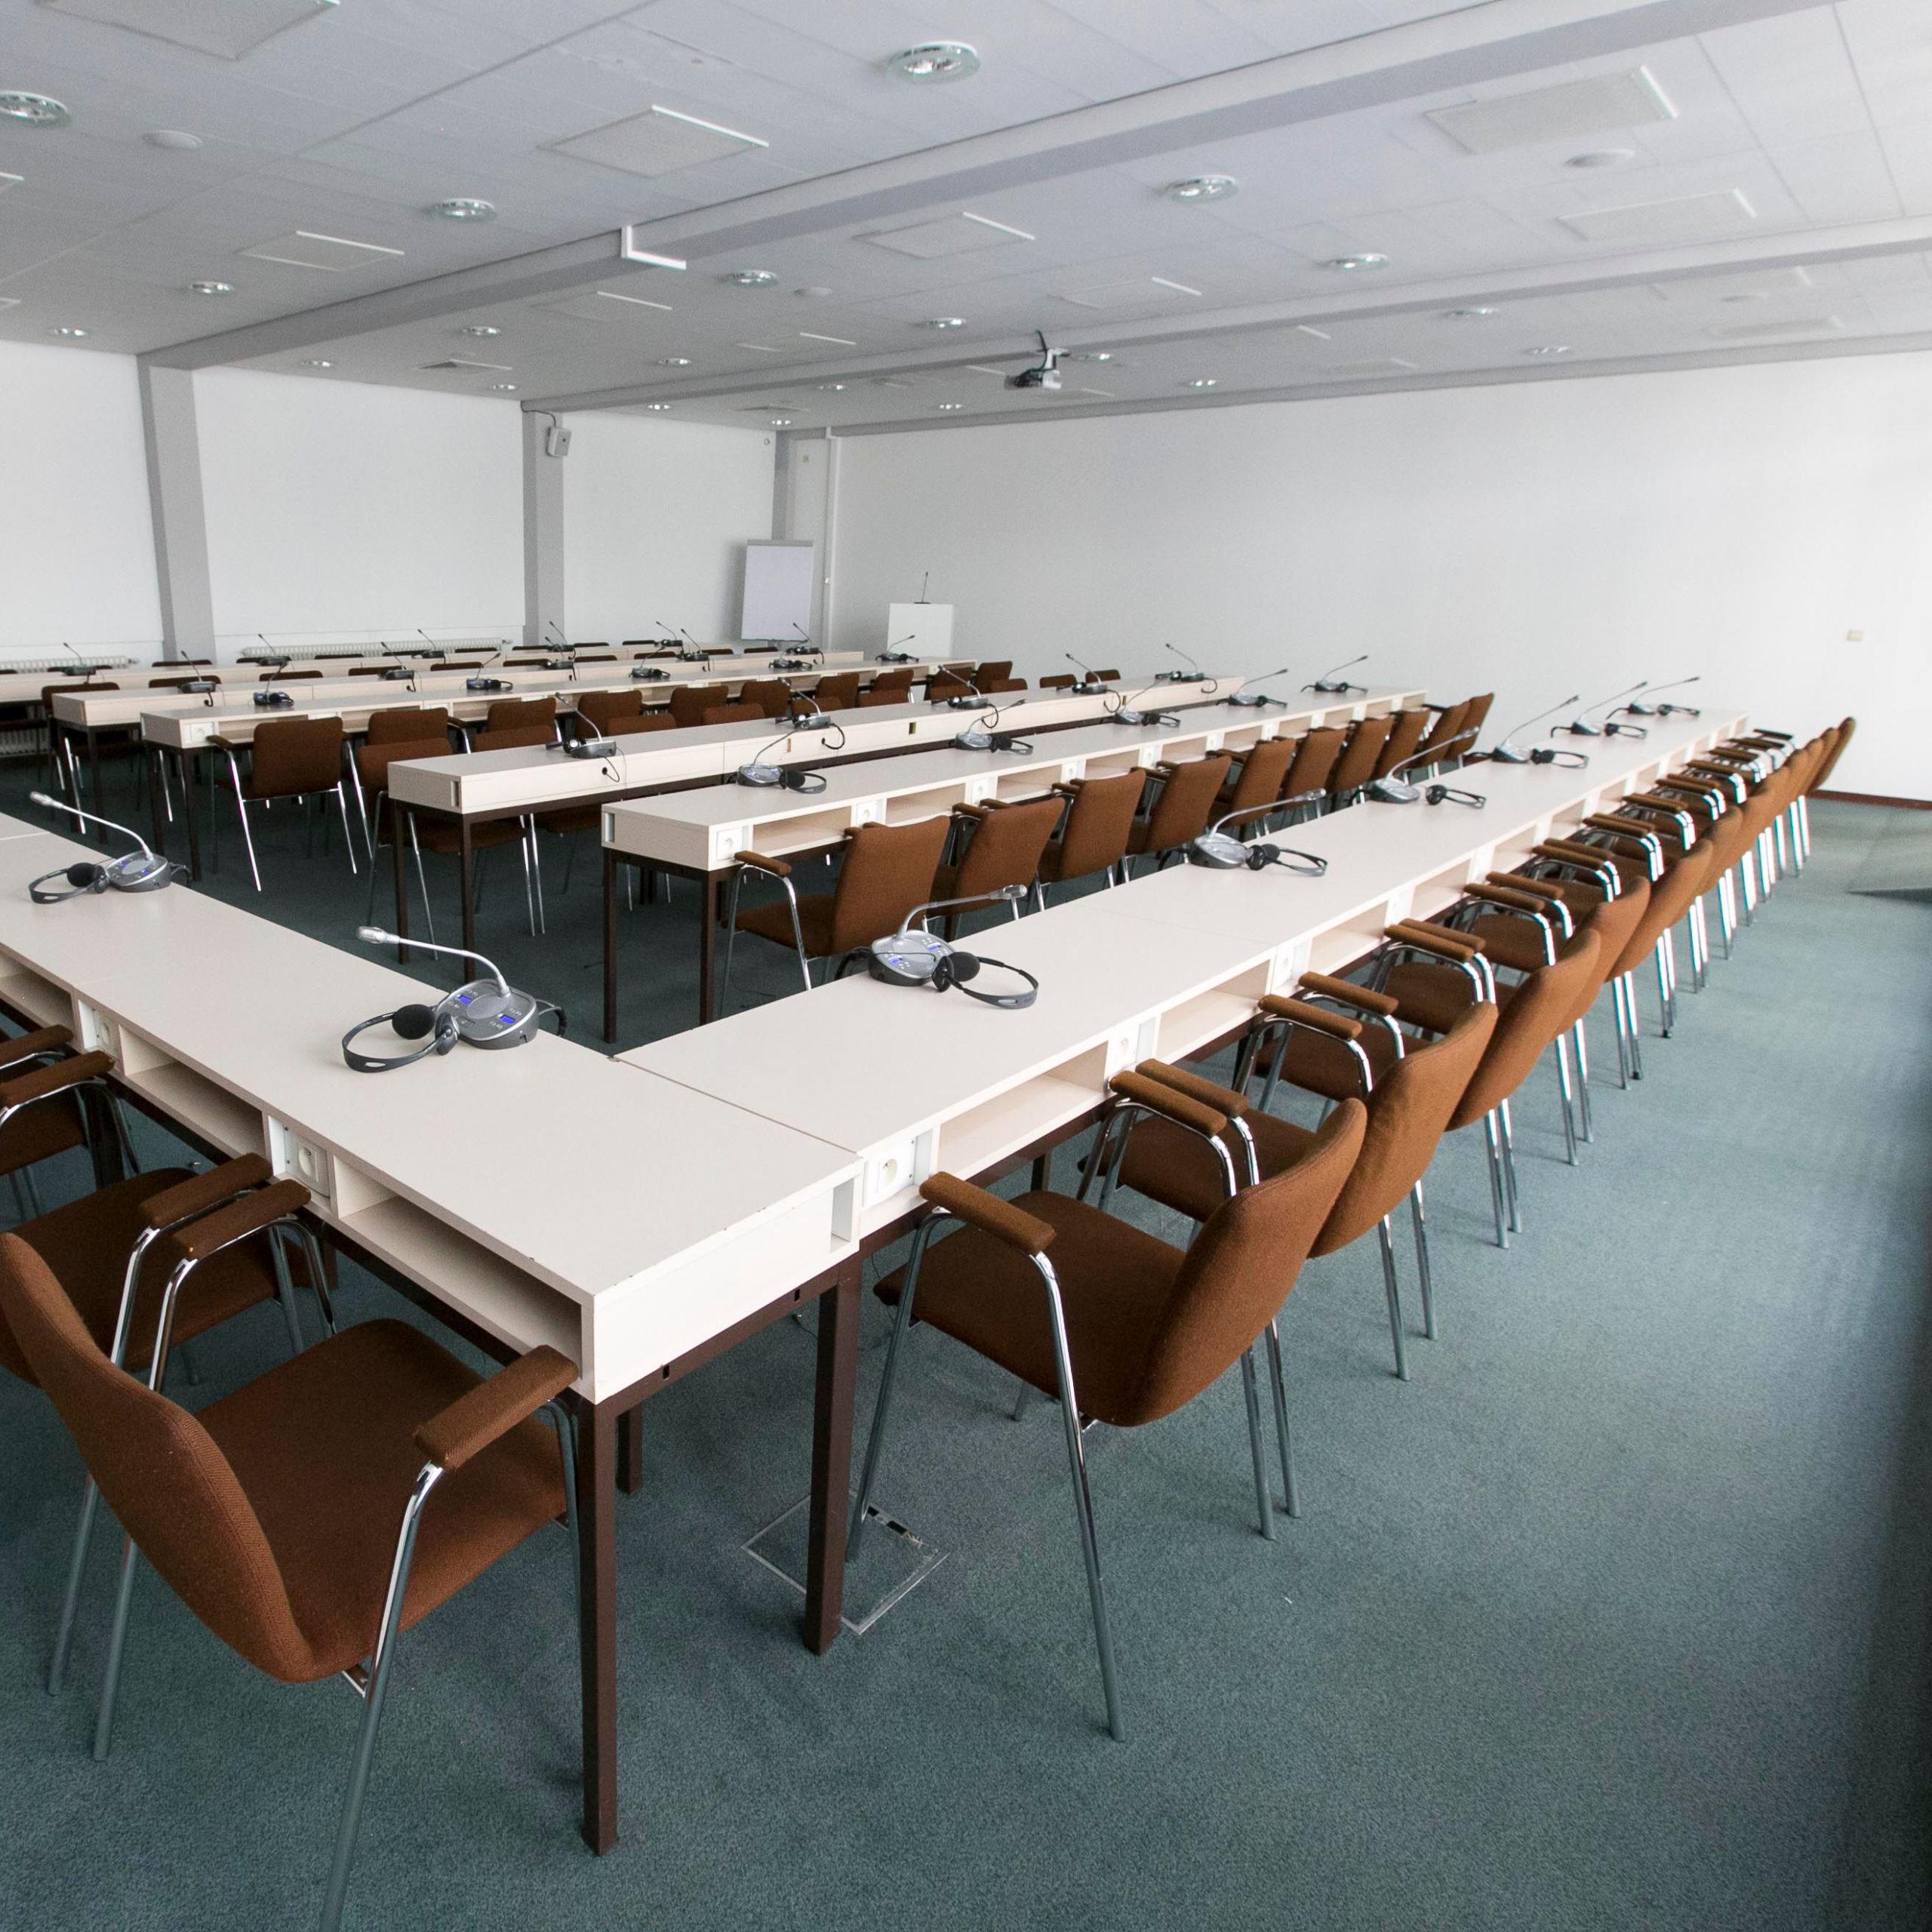 Salle de réunion - Maison des associations internationales - M.A.I.